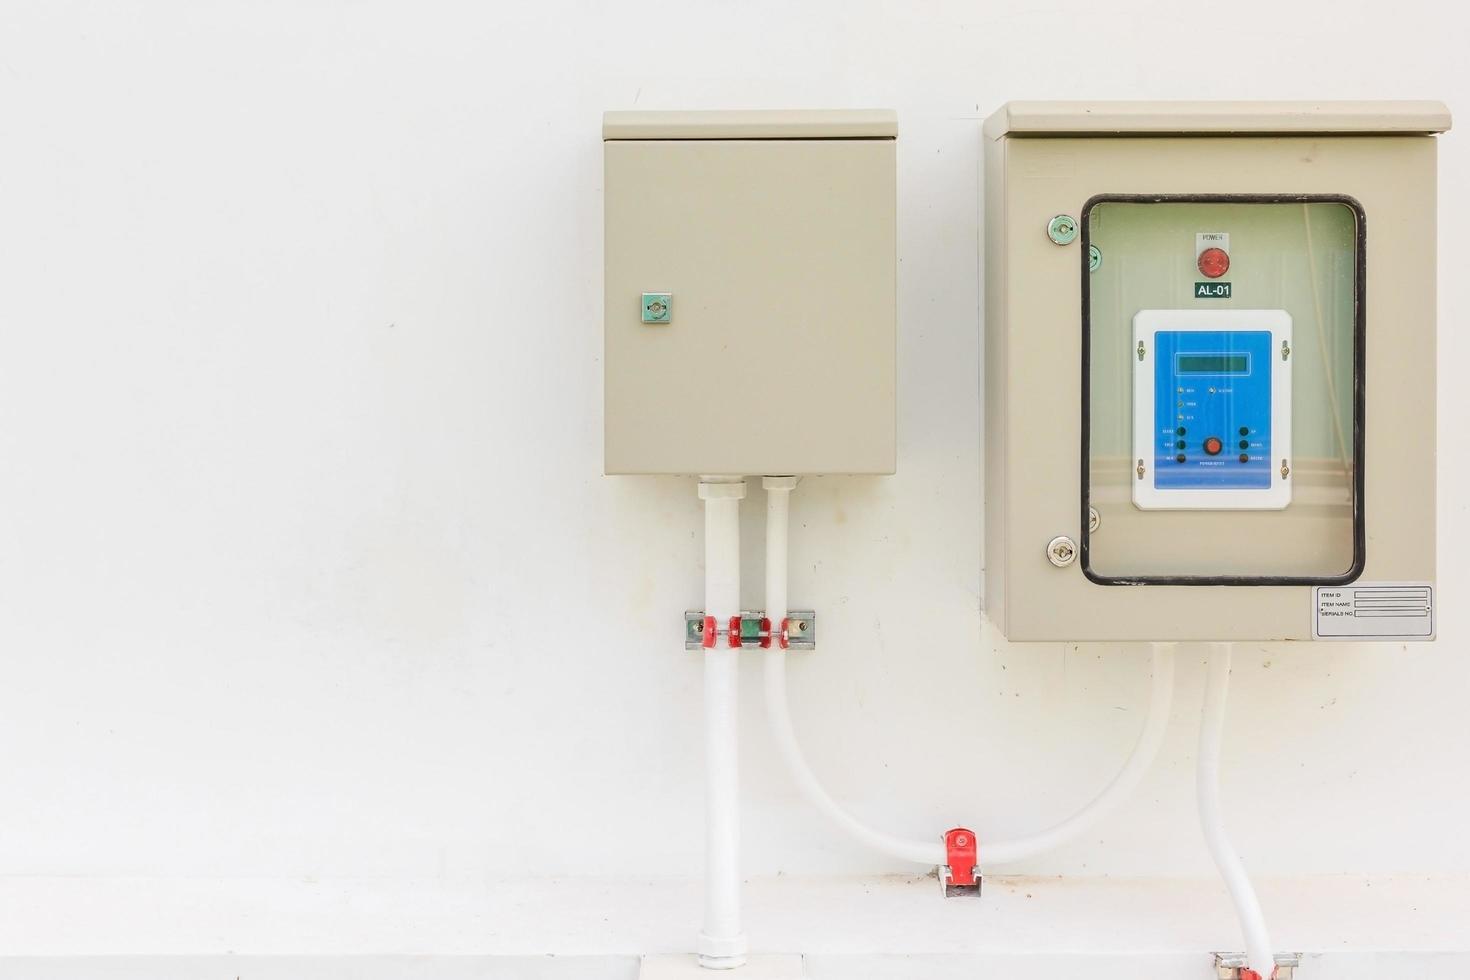 Technische Anzeige auf dem Bedienfeld mit Geräteschrank für elektrische Geräte foto